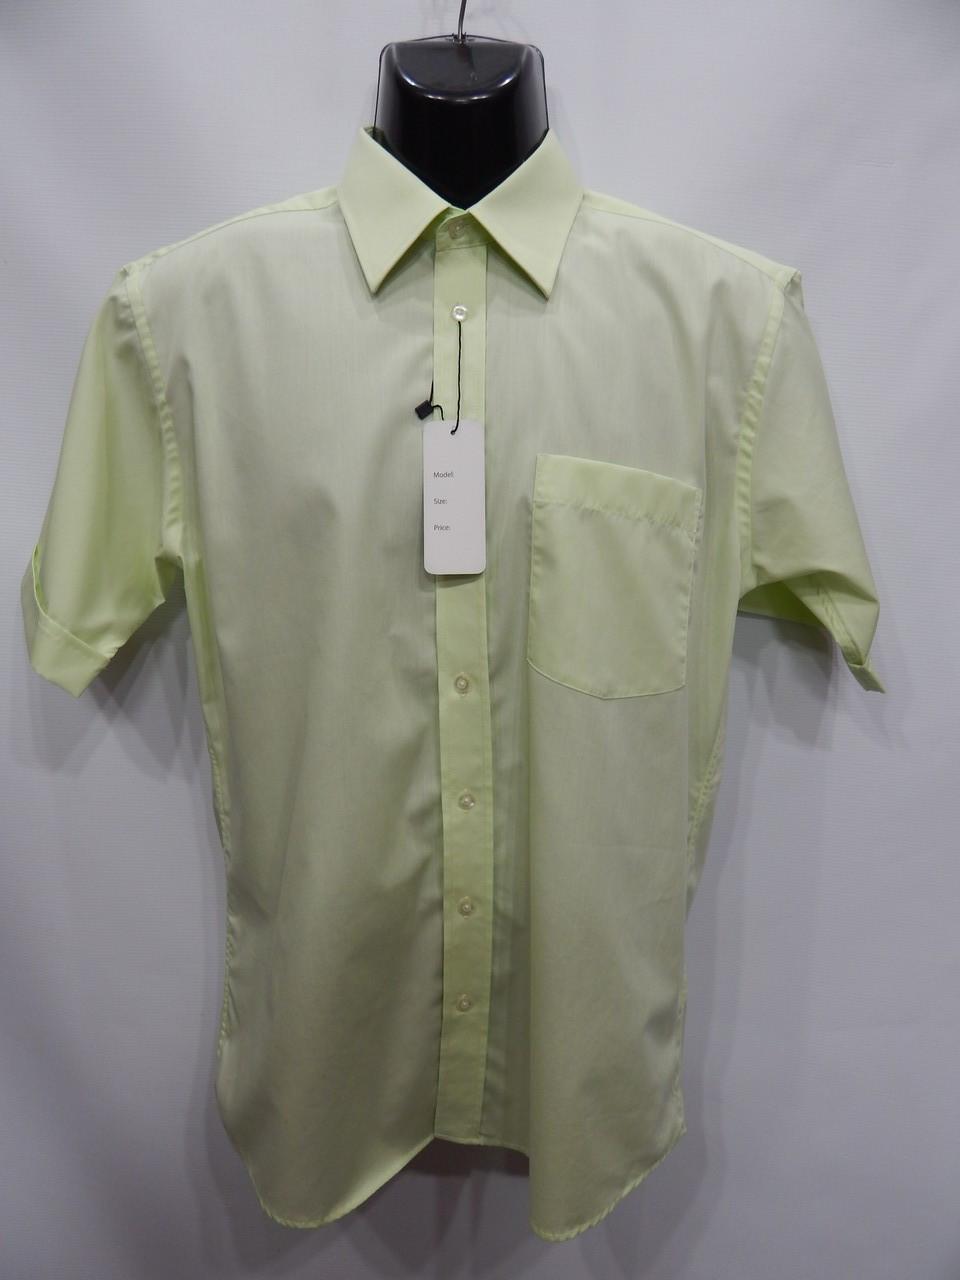 Чоловіча сорочка з коротким рукавом Berto Lucci оригінал (100КР) р. 48